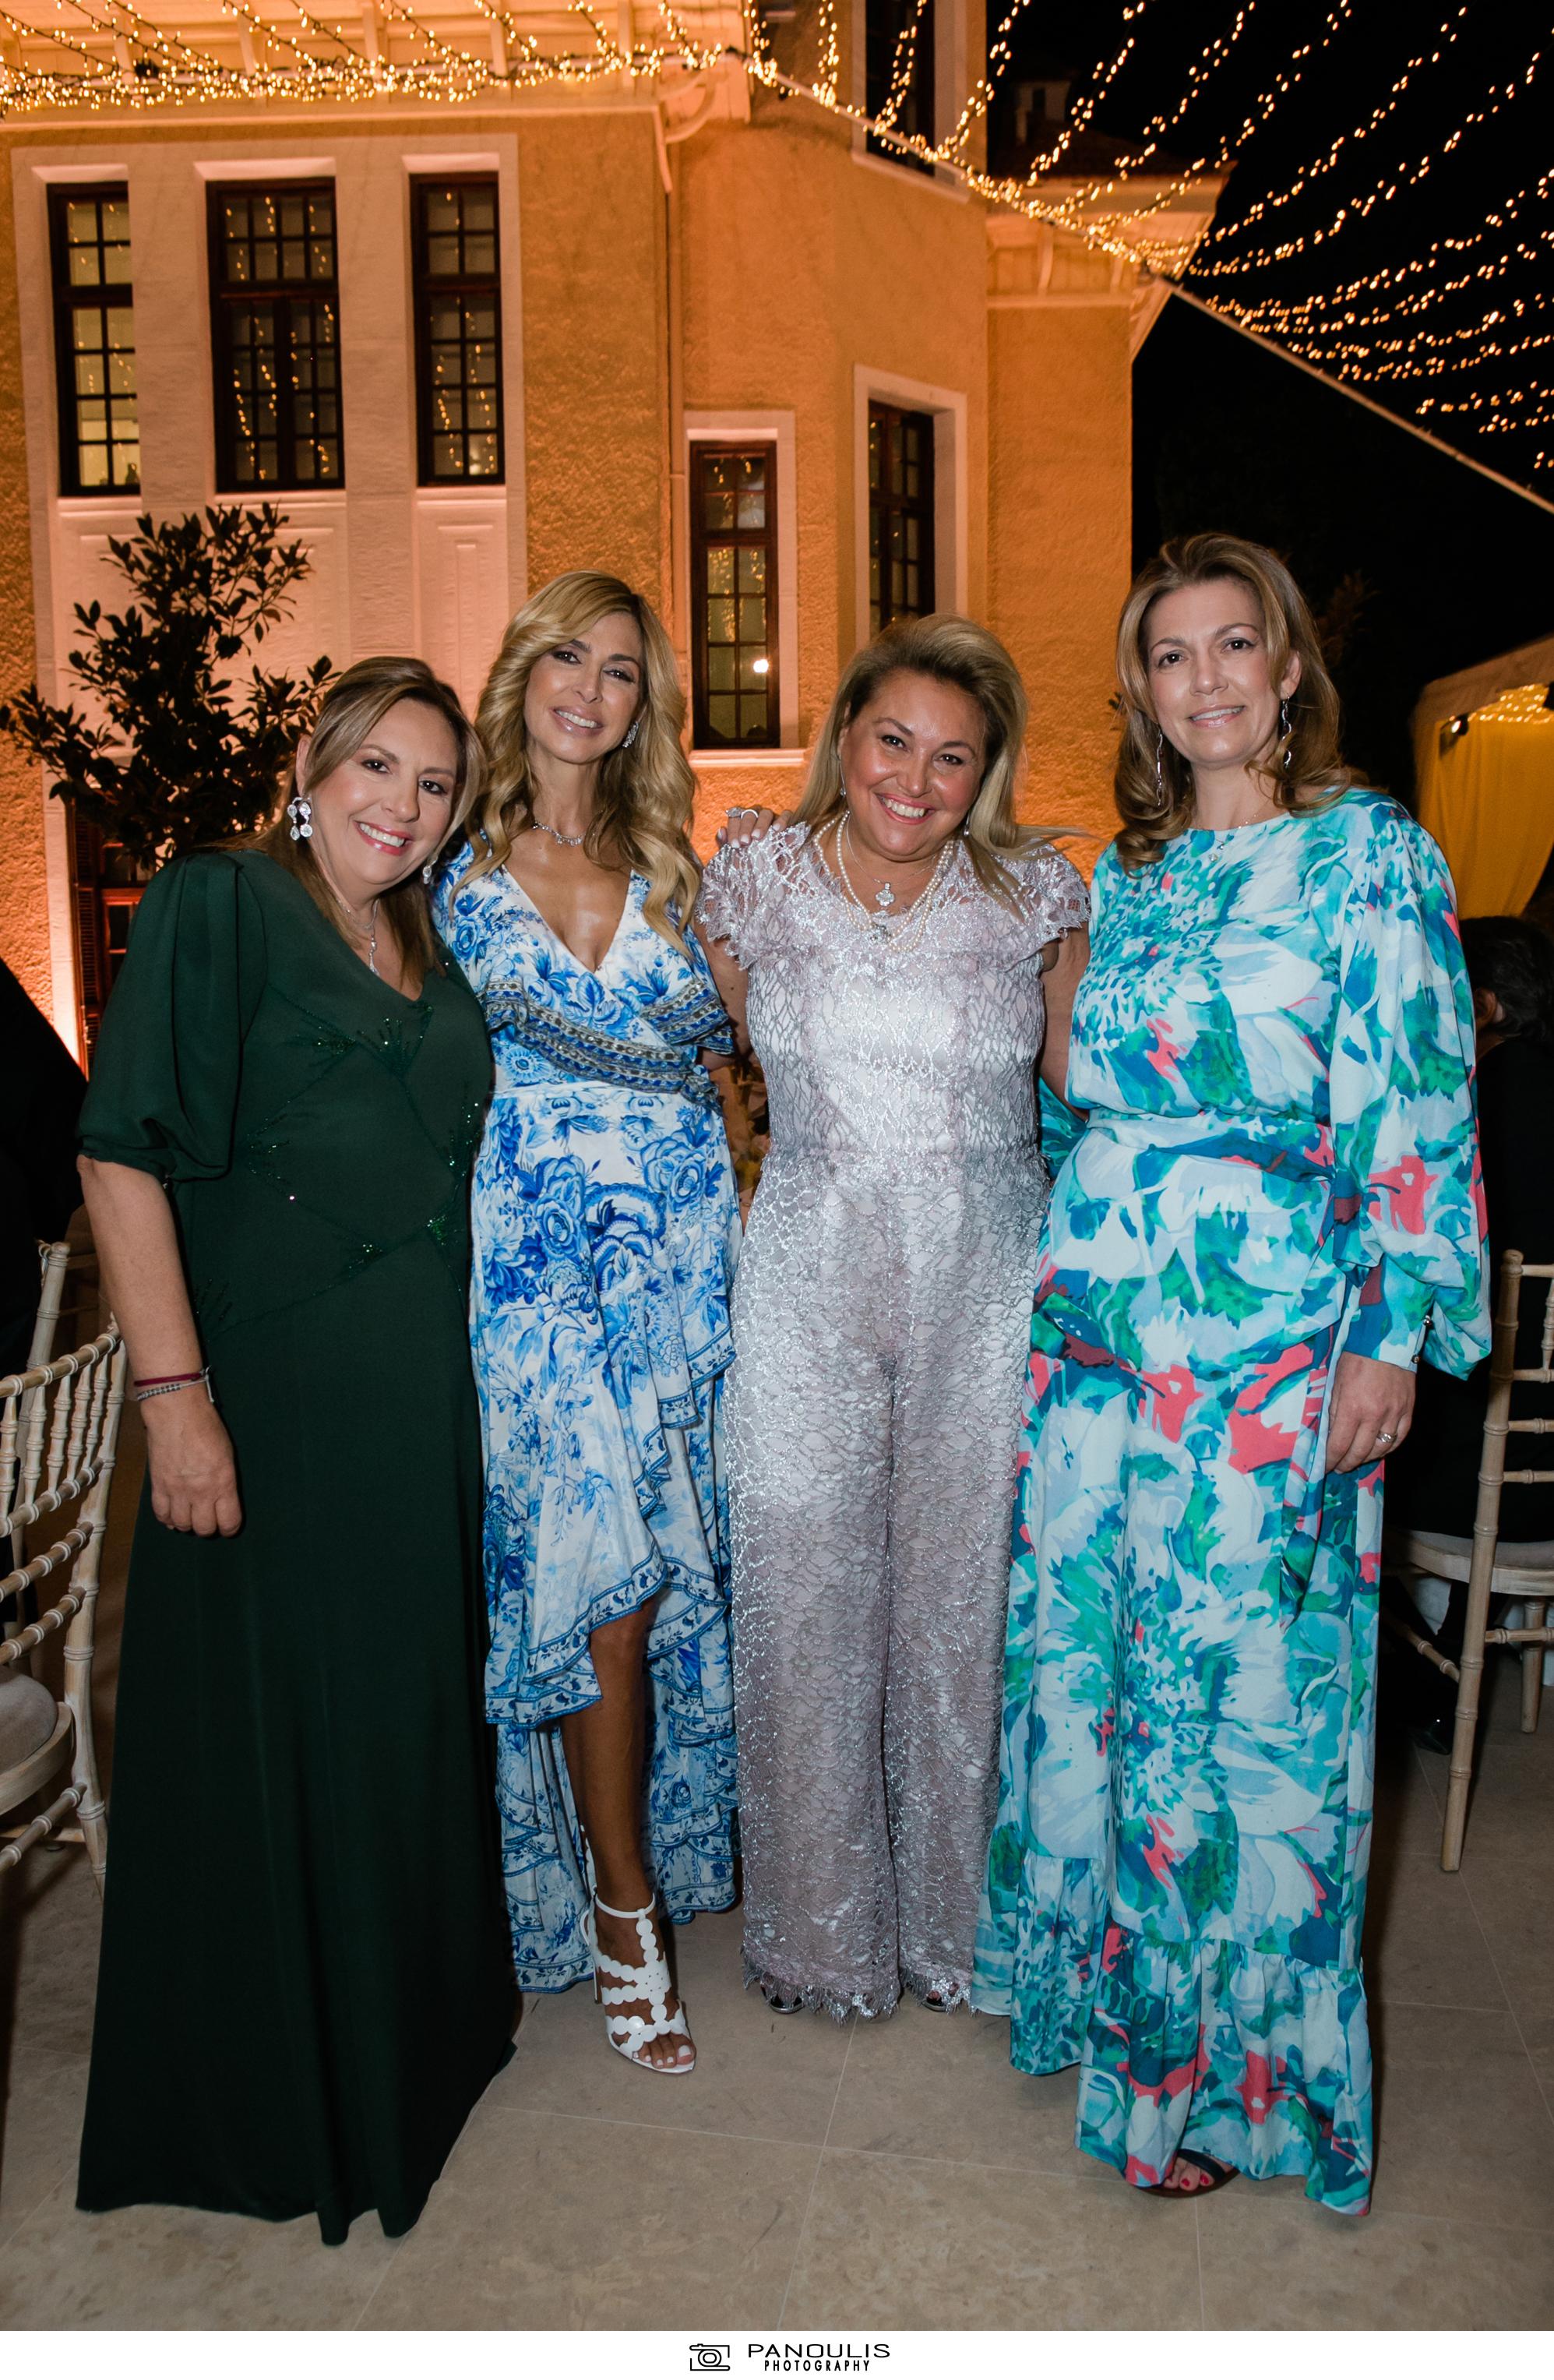 Κλέλια Χατζηιωάννου & Κωνσταντίνος Σκορίλας: Ένας υπέροχος γάμος με λαμπερούς καλεσμένους 13